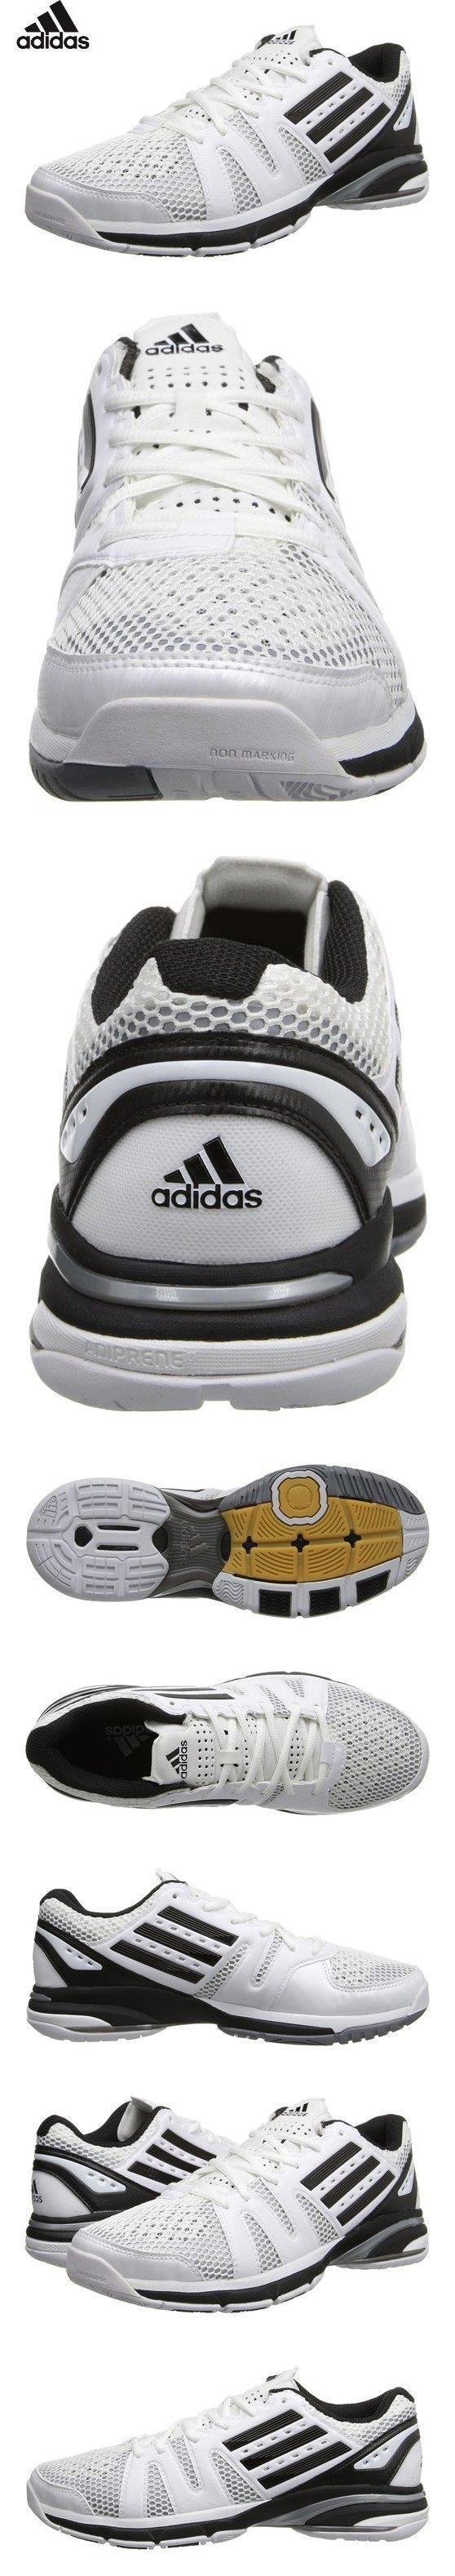 Adidas volley luce donne pallavolo scarpa 8 bianco nero